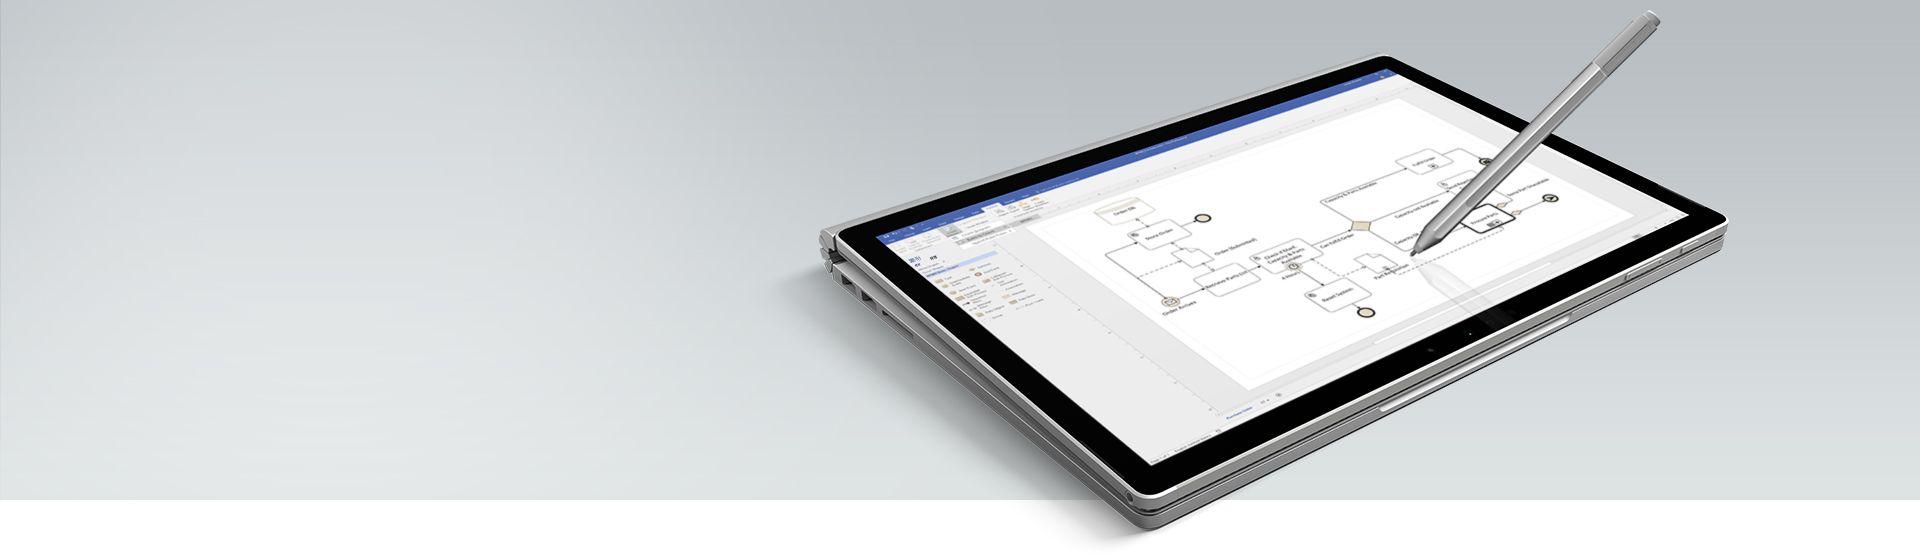 顯示 Visio 中的流程圖的 Surface 平板電腦